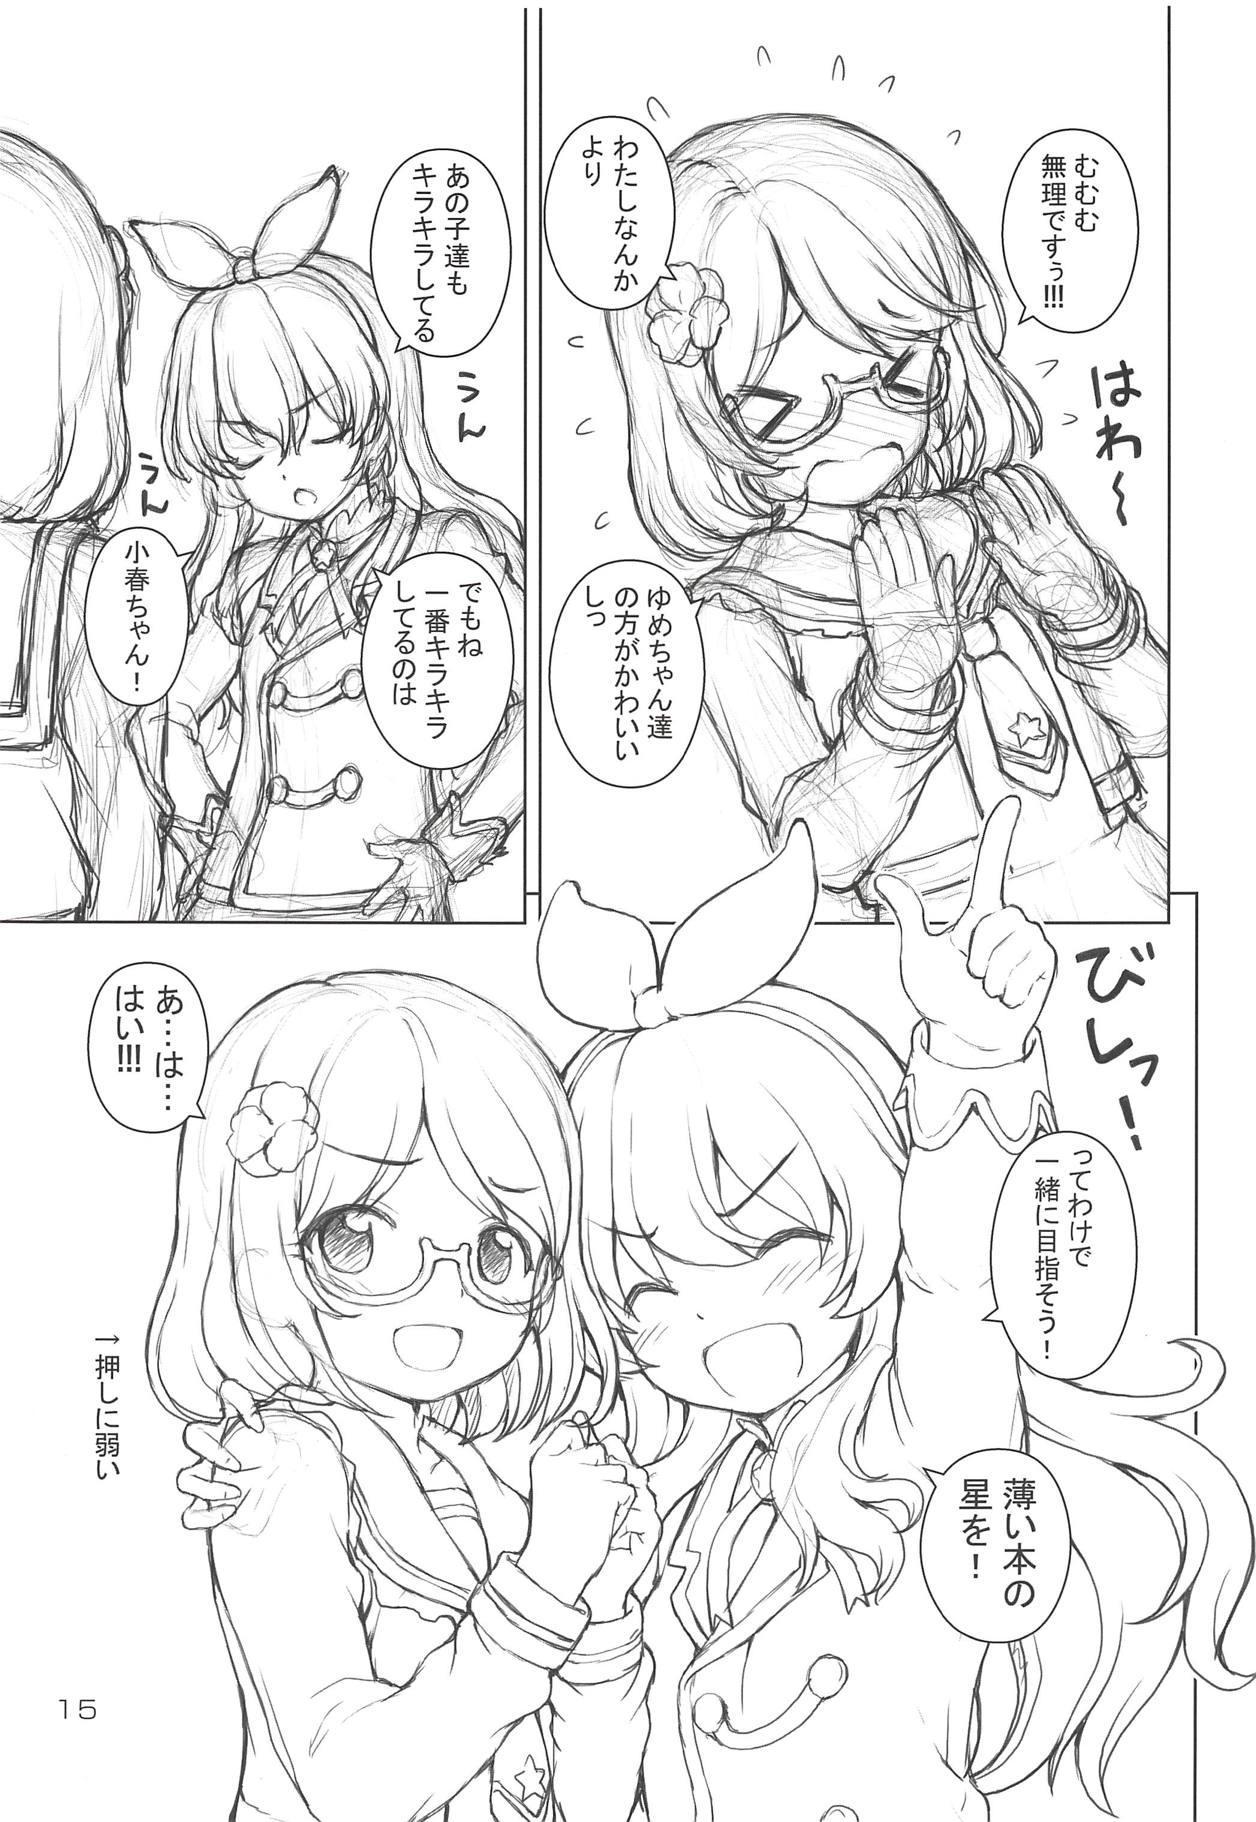 Matokatsu! 13